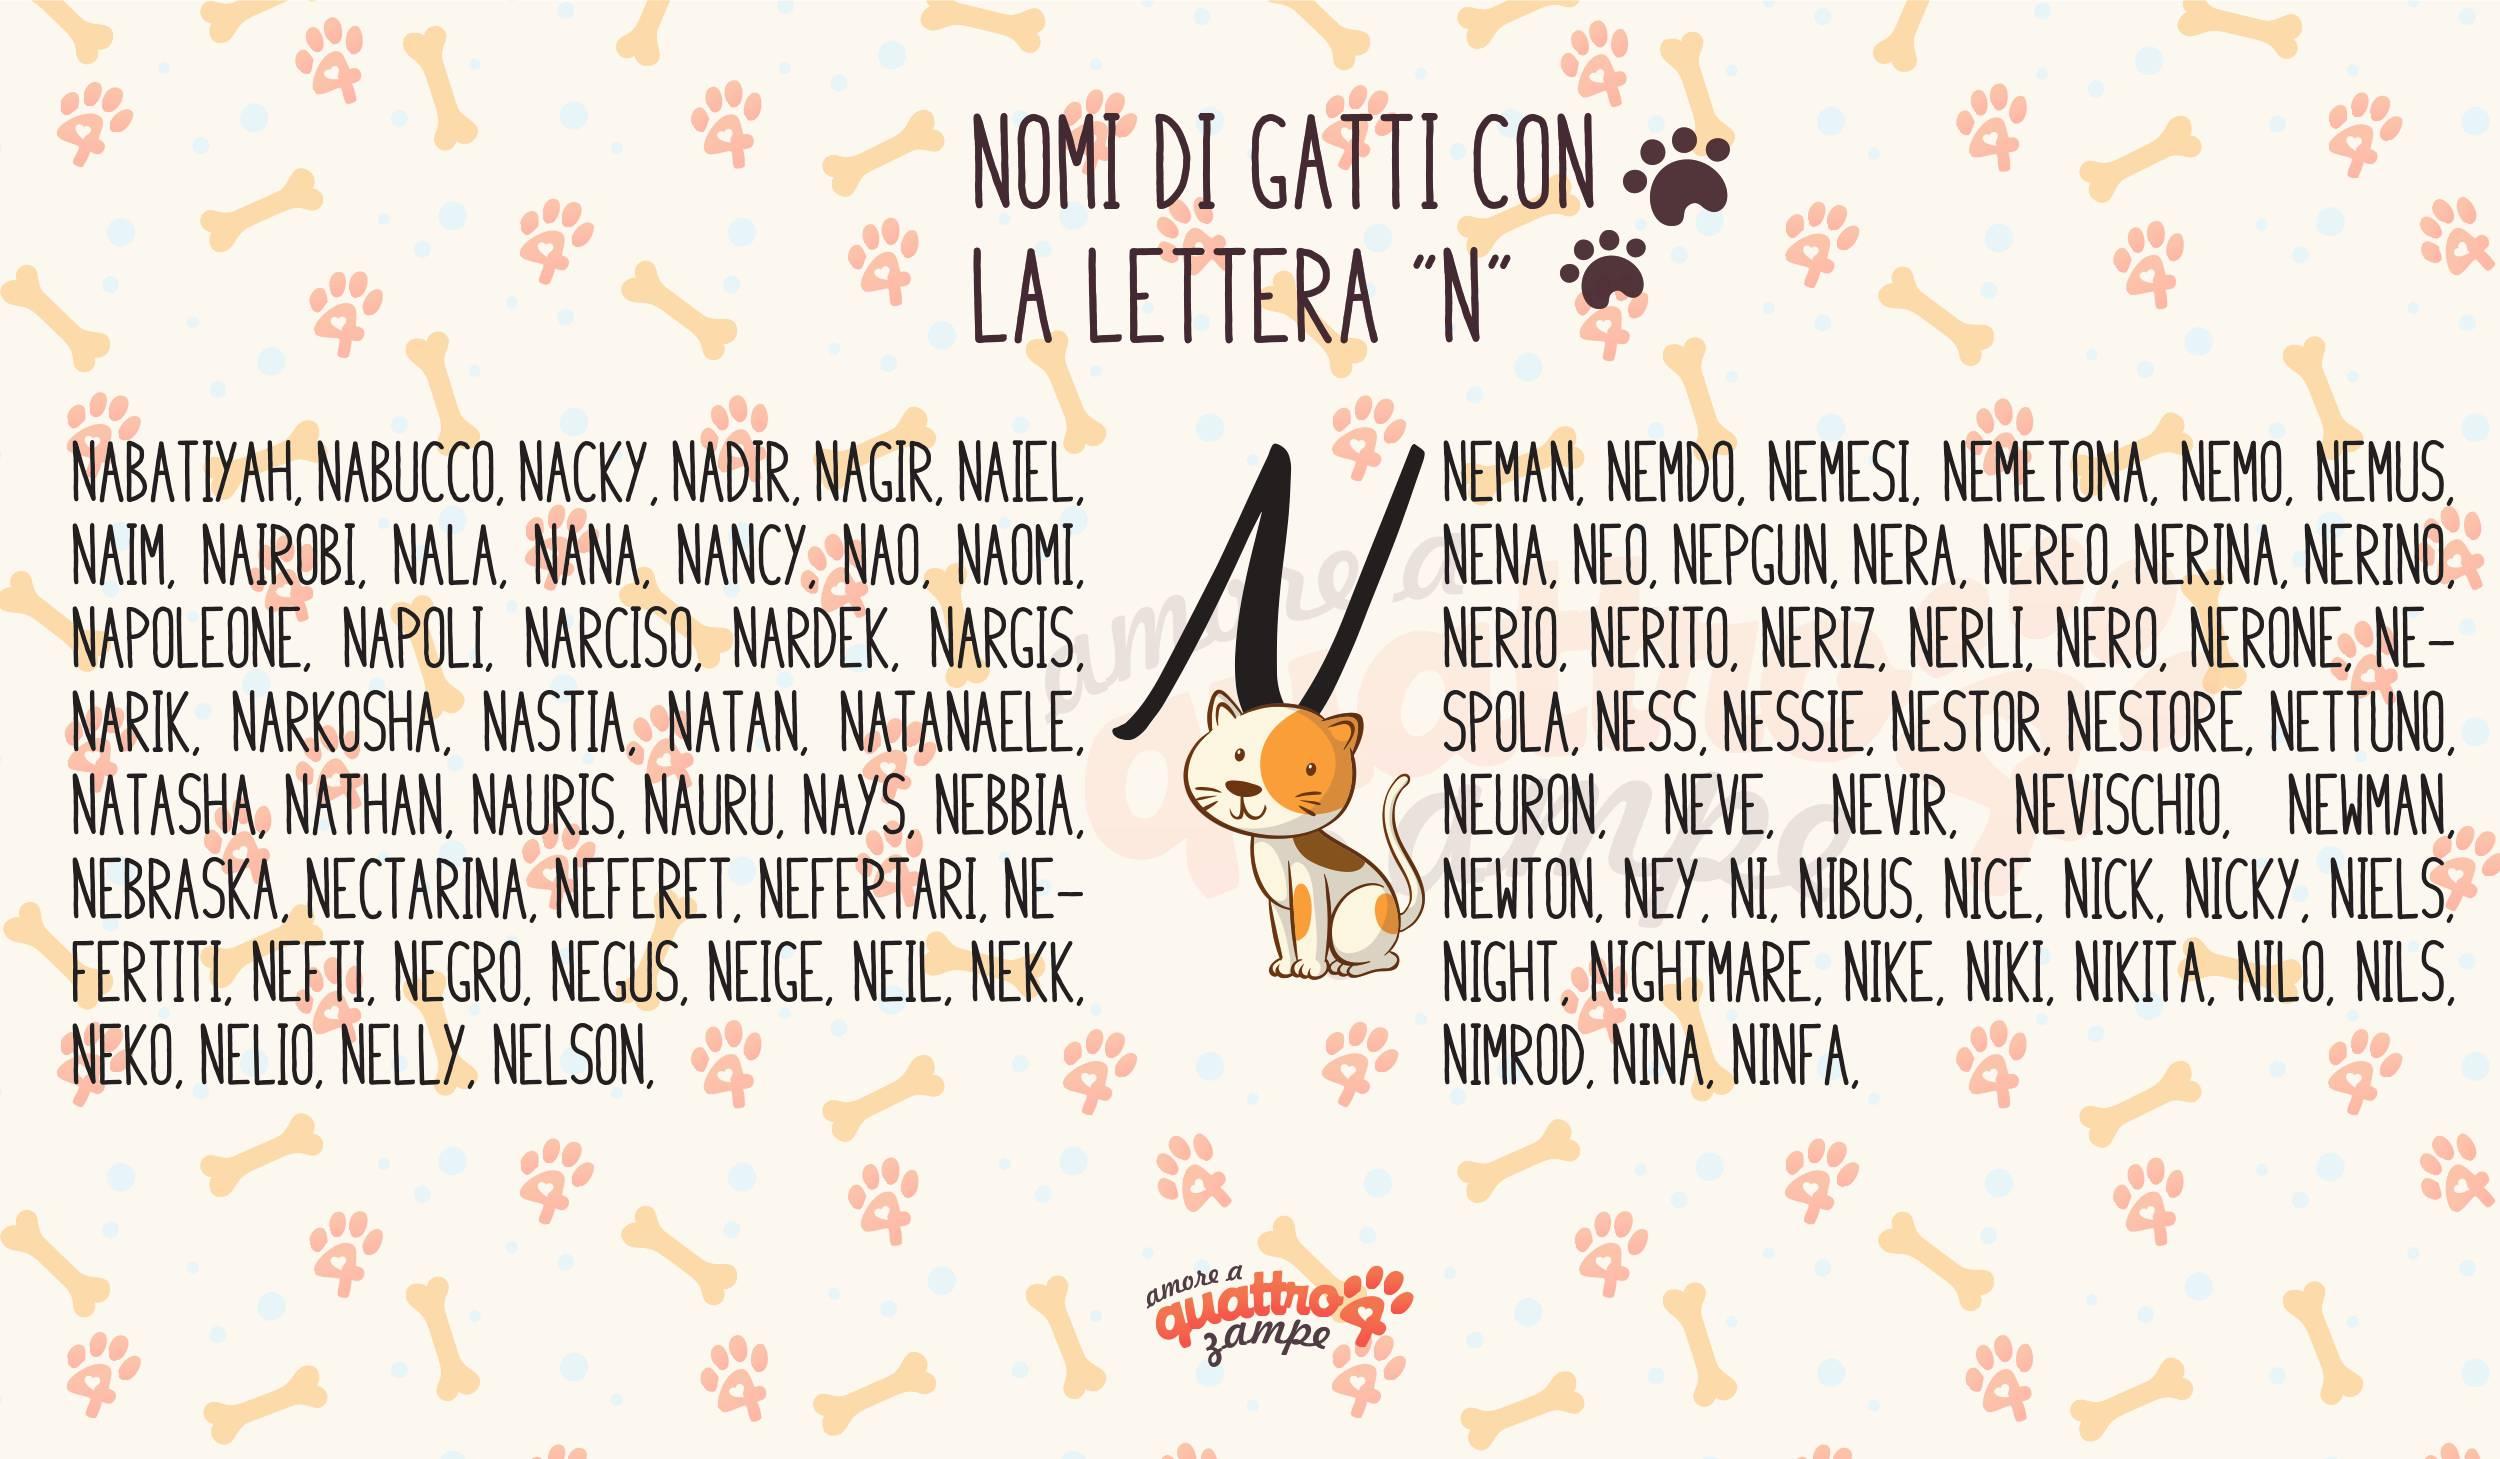 Infografica nomi gatti con la N